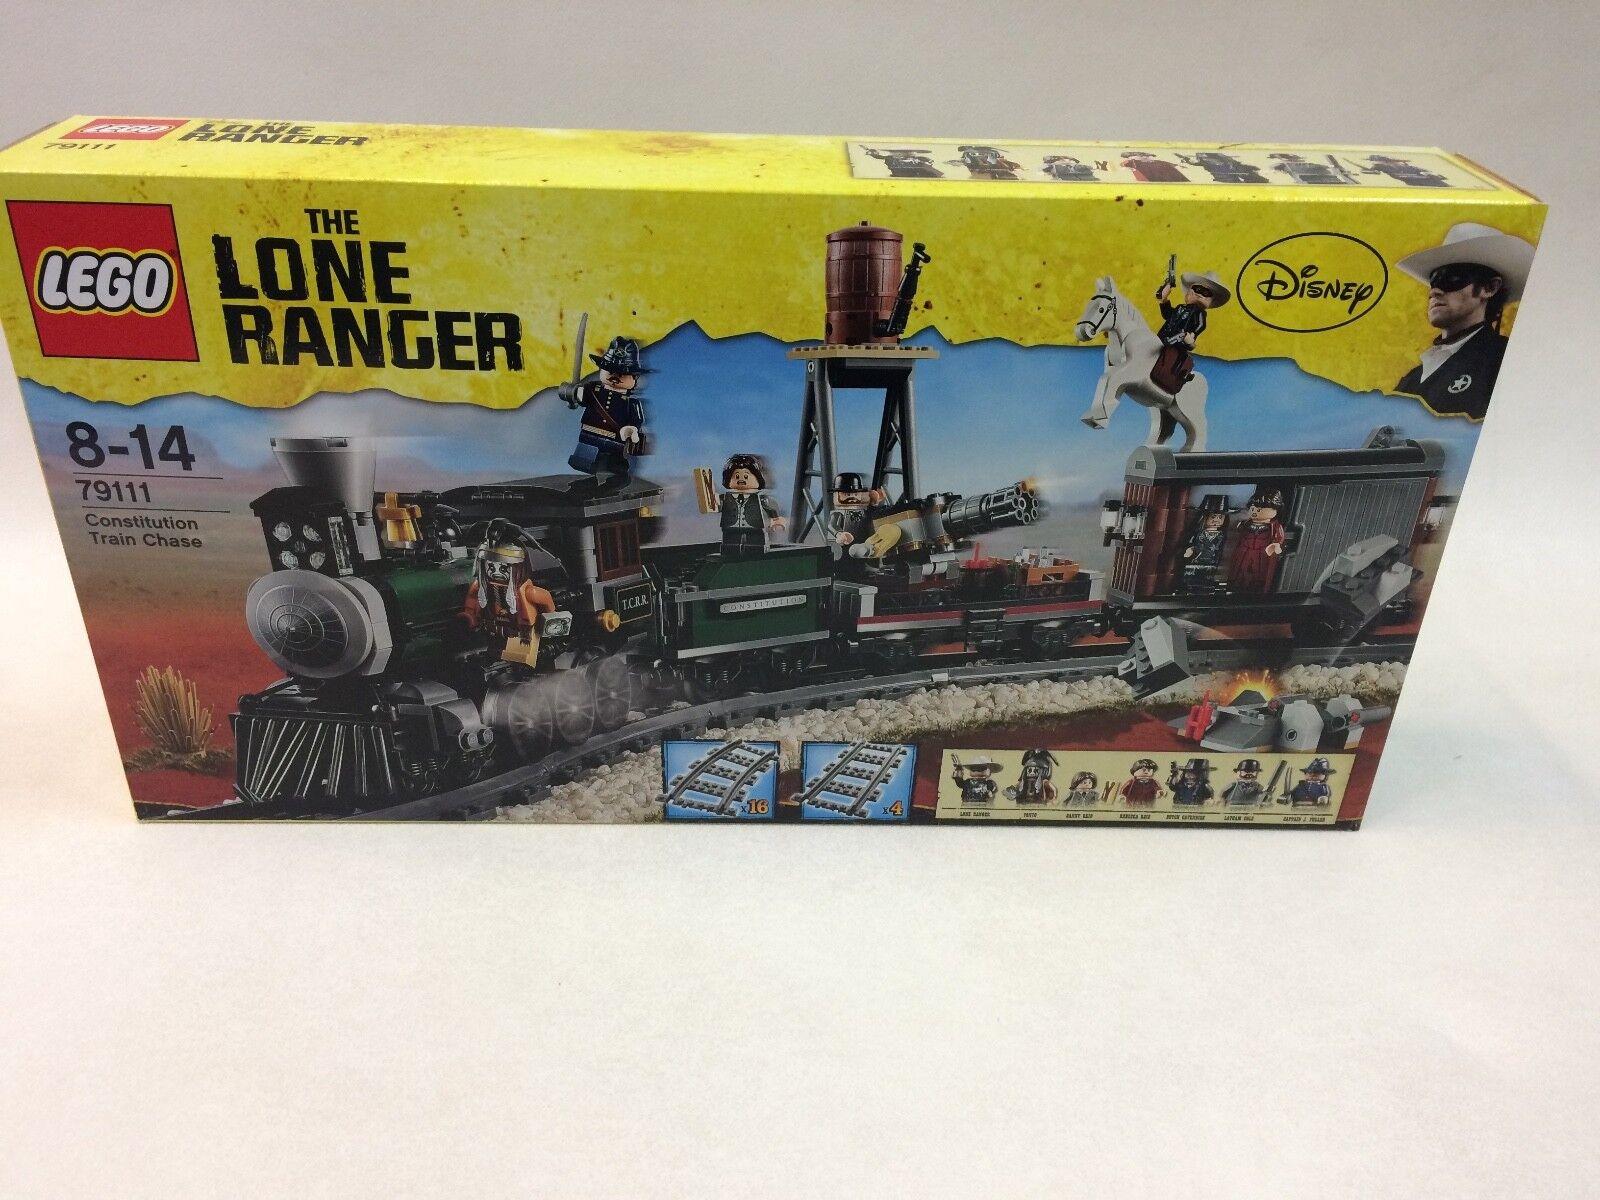 Nouvelle génération, nouveau choix NEUF Scellé Comme neuf condition LEGO 79111 Constitution Train Chase | La Mode